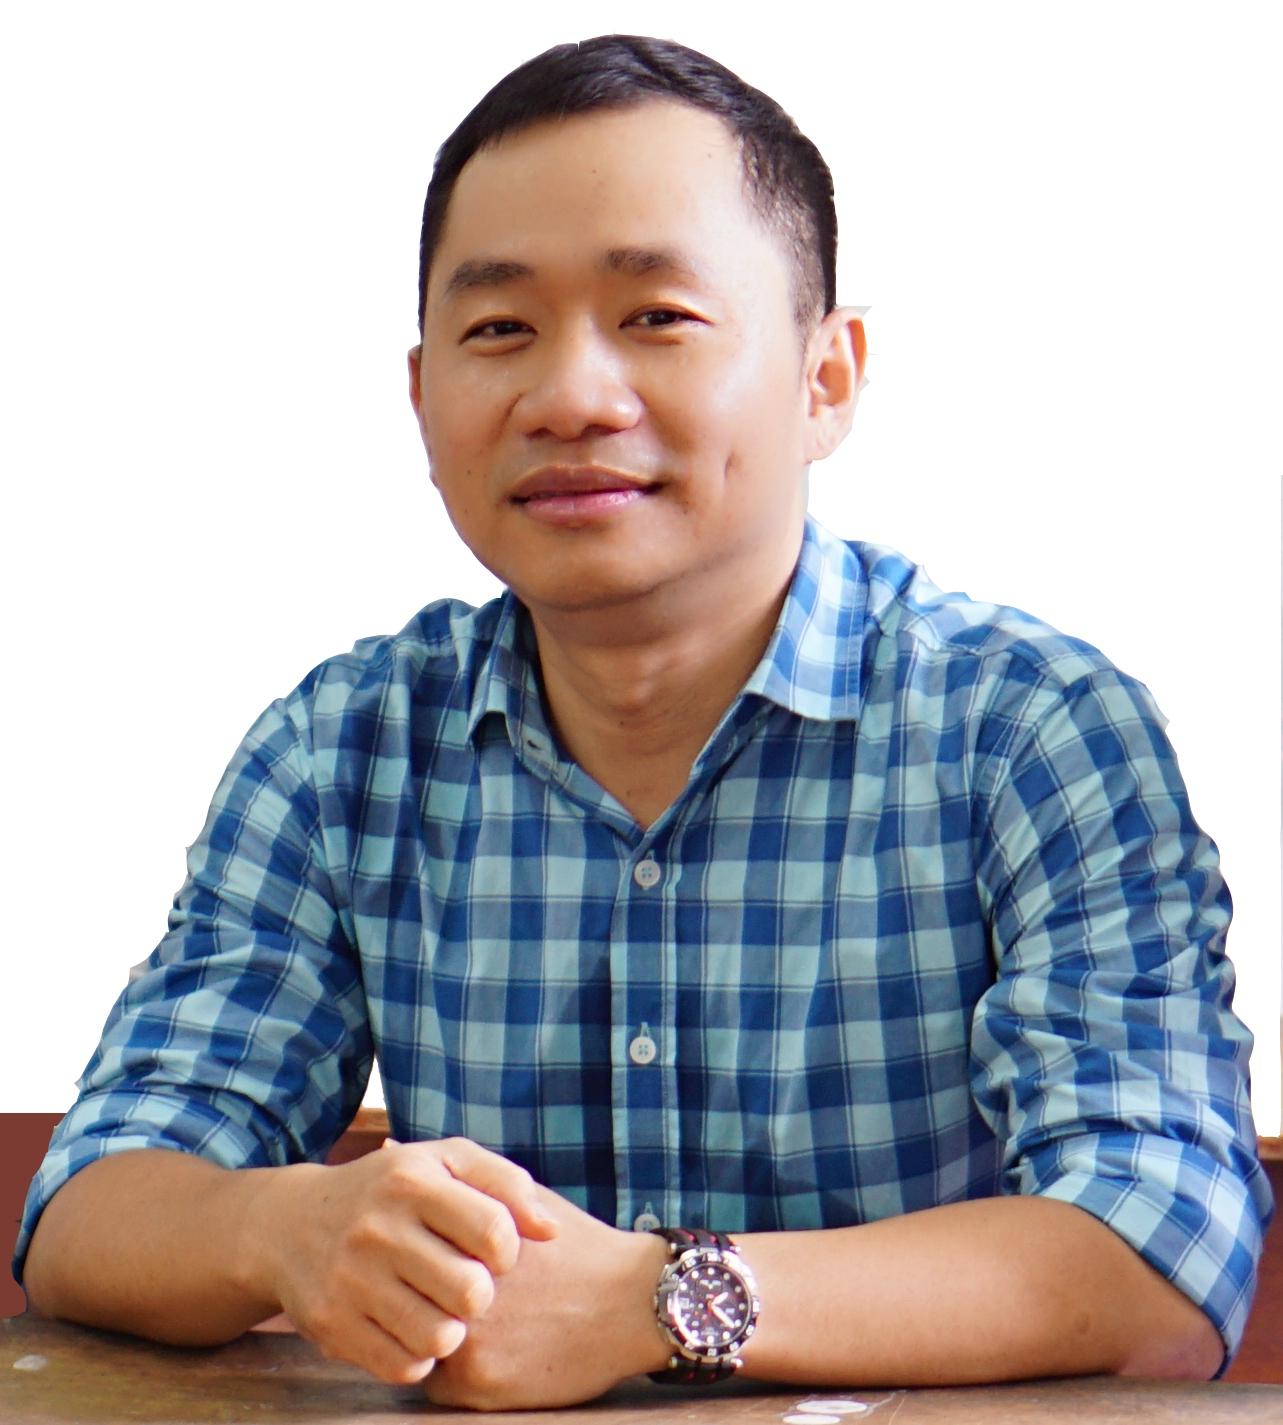 Nguyễn Quốc Khoa